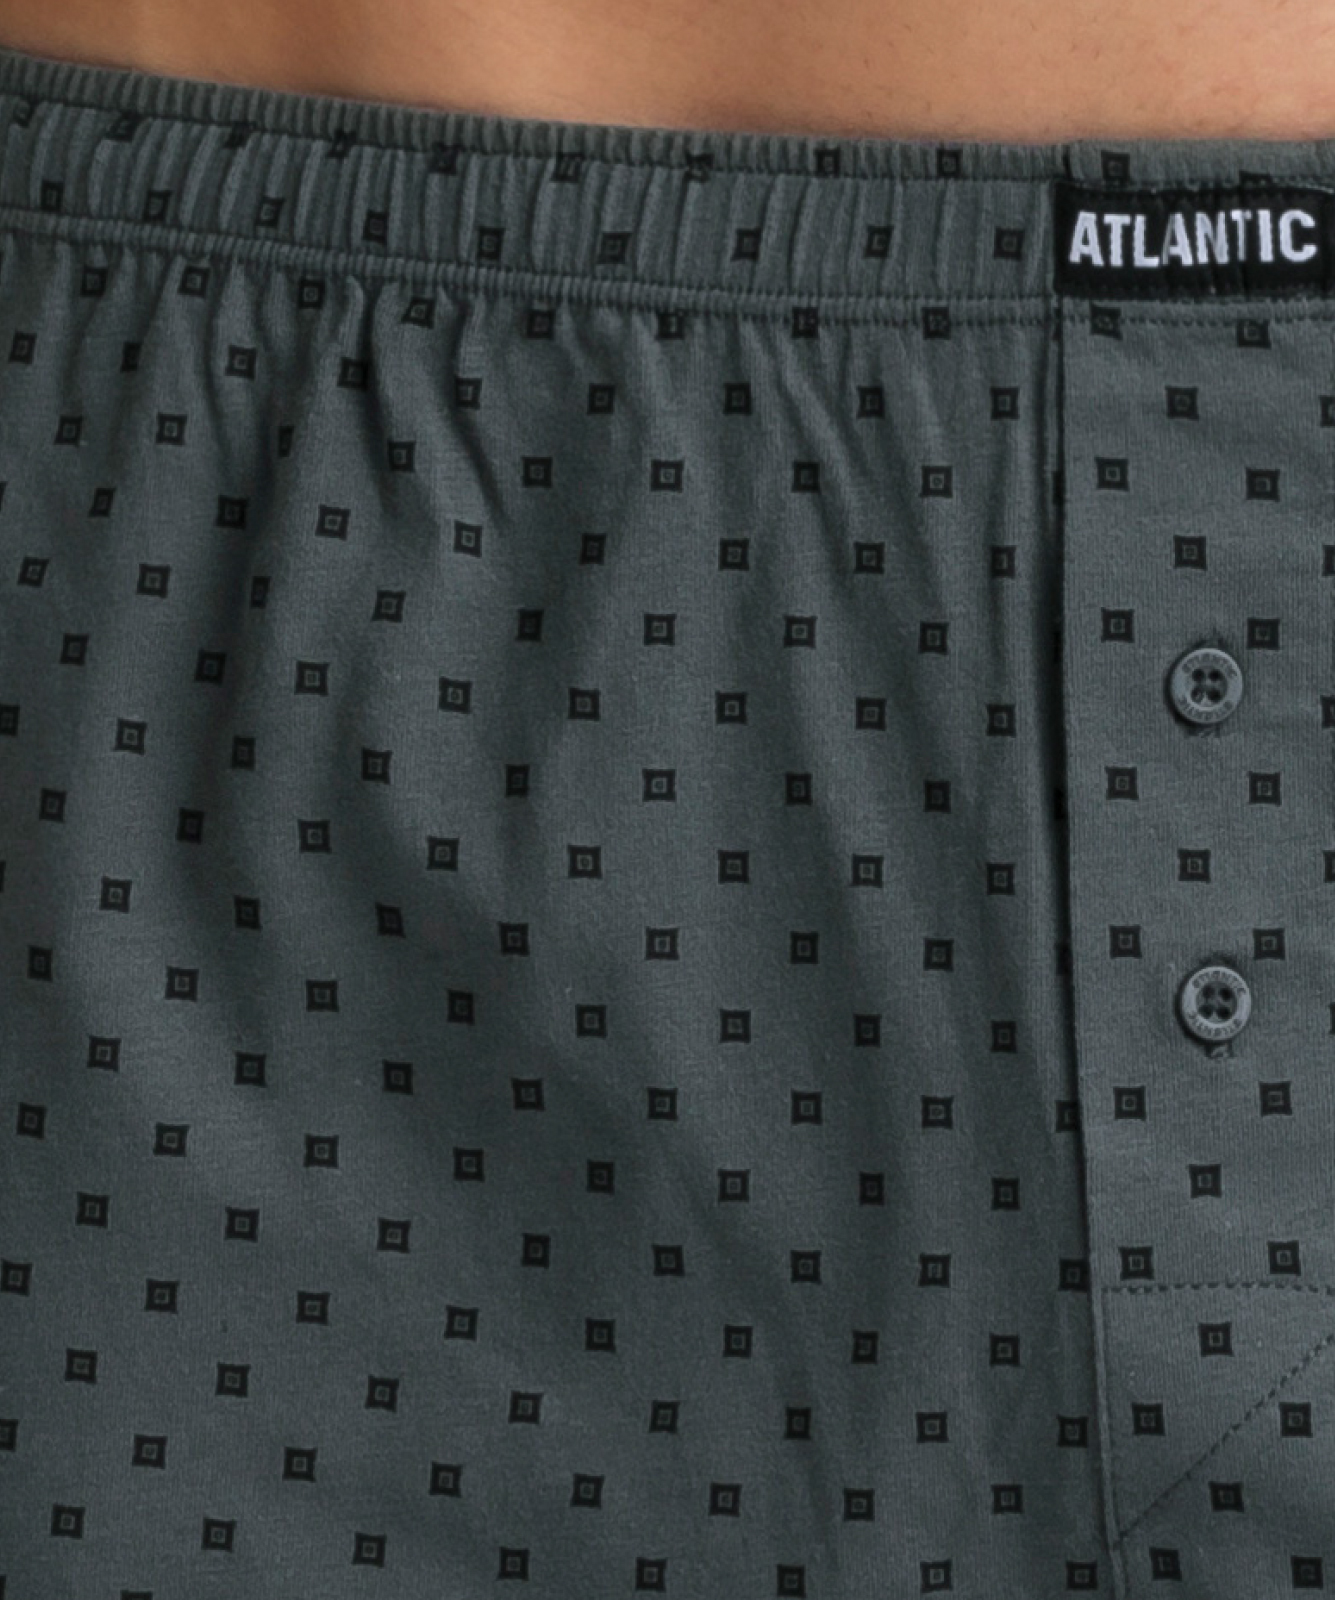 Мужские трусы боксеры Atlantic, набор из 2 шт., хлопок, черные + хаки, 2MBX-019